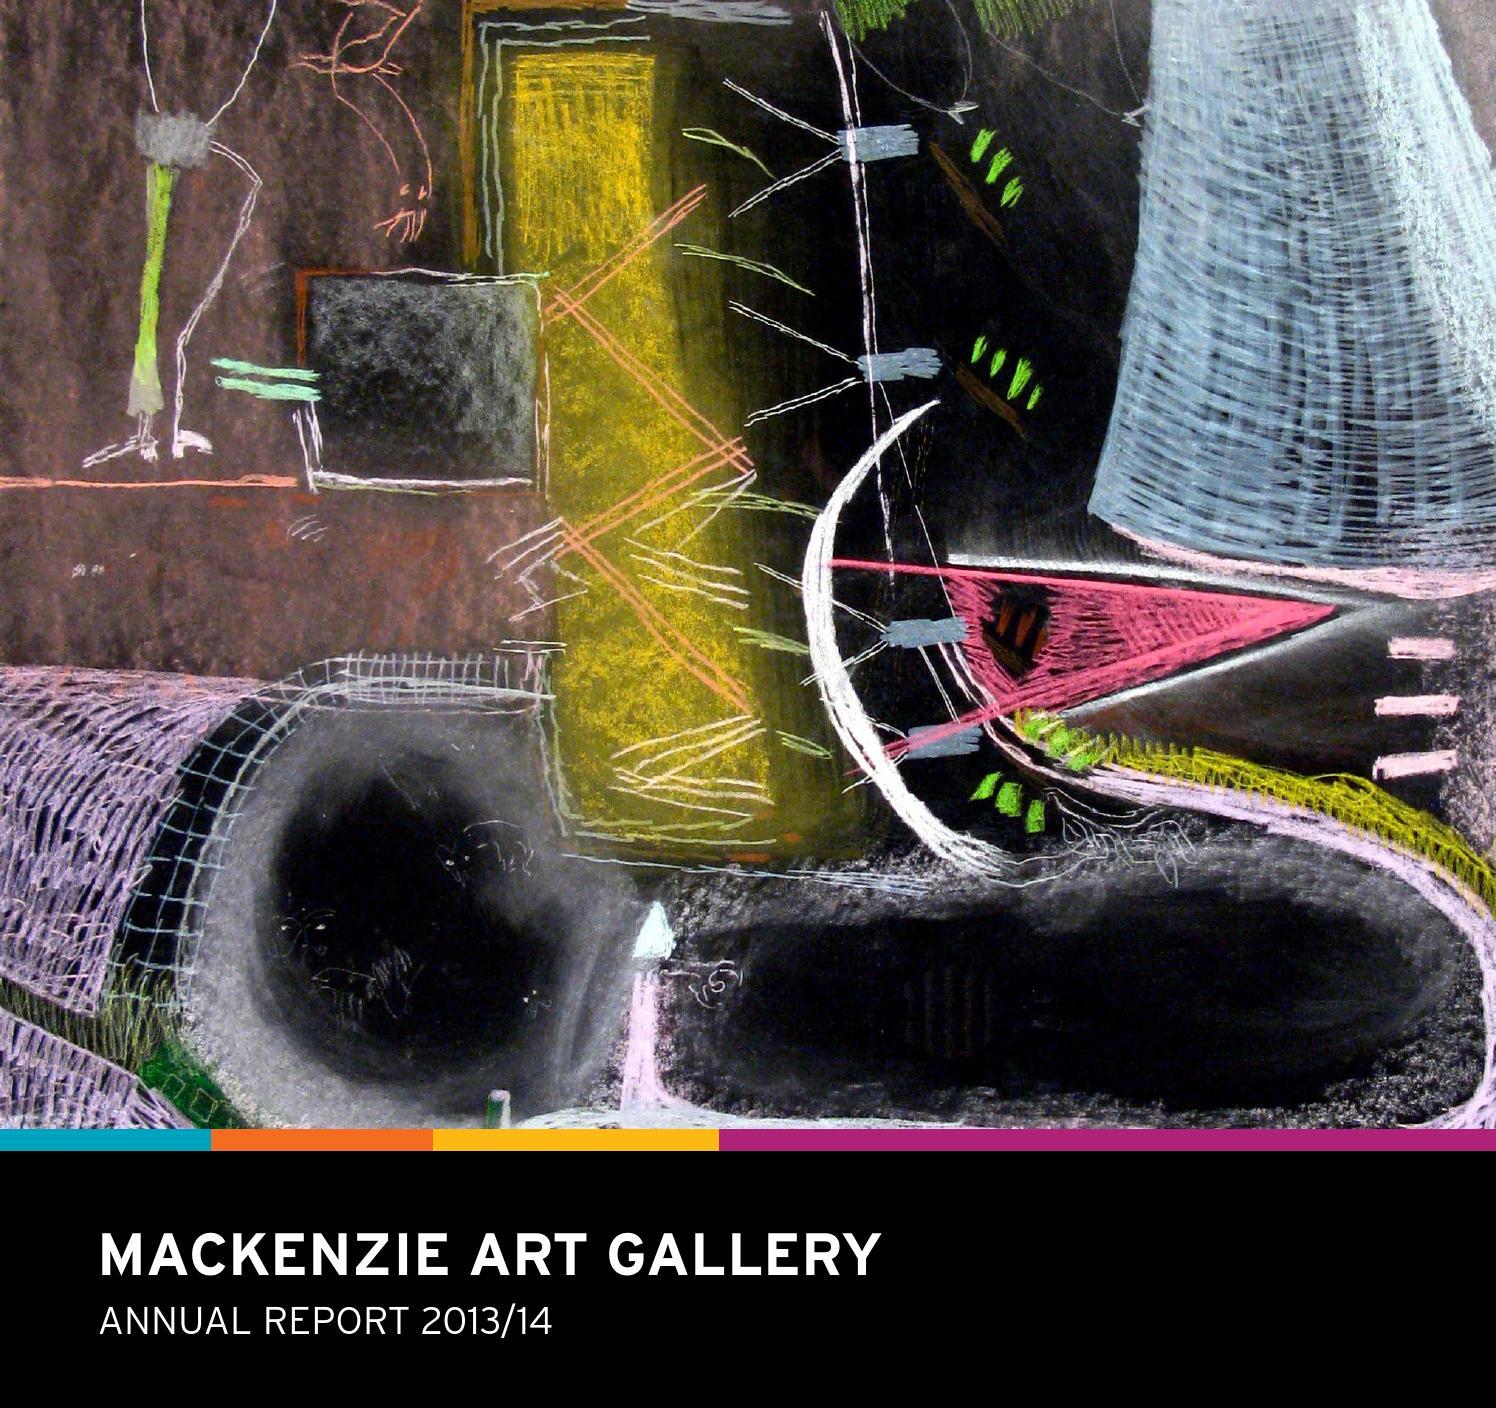 MacKenzie Art Gallery Annual Report 2013/14 by MacKenzie Art